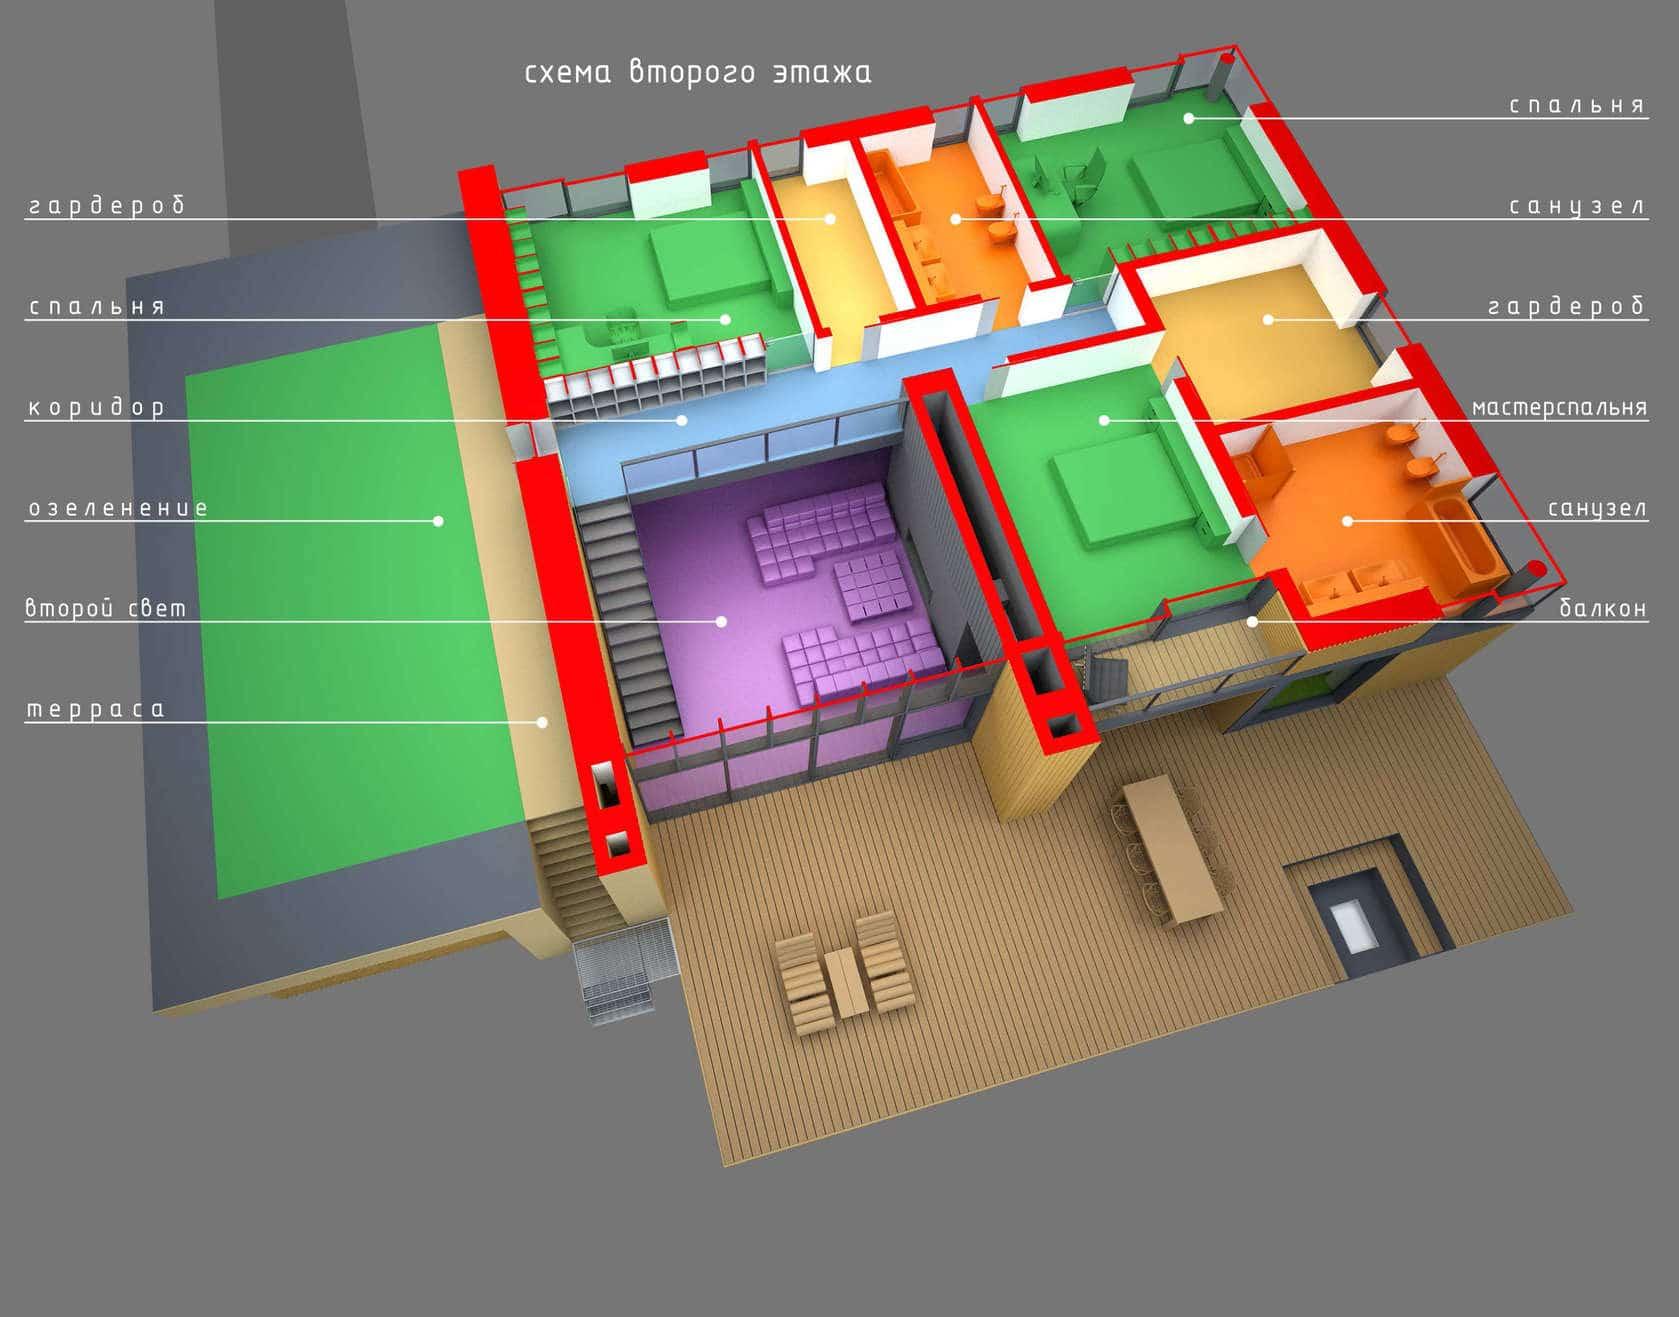 100 planos con 2 pisos planos planos de casas for Planos de casas de dos pisos gratis